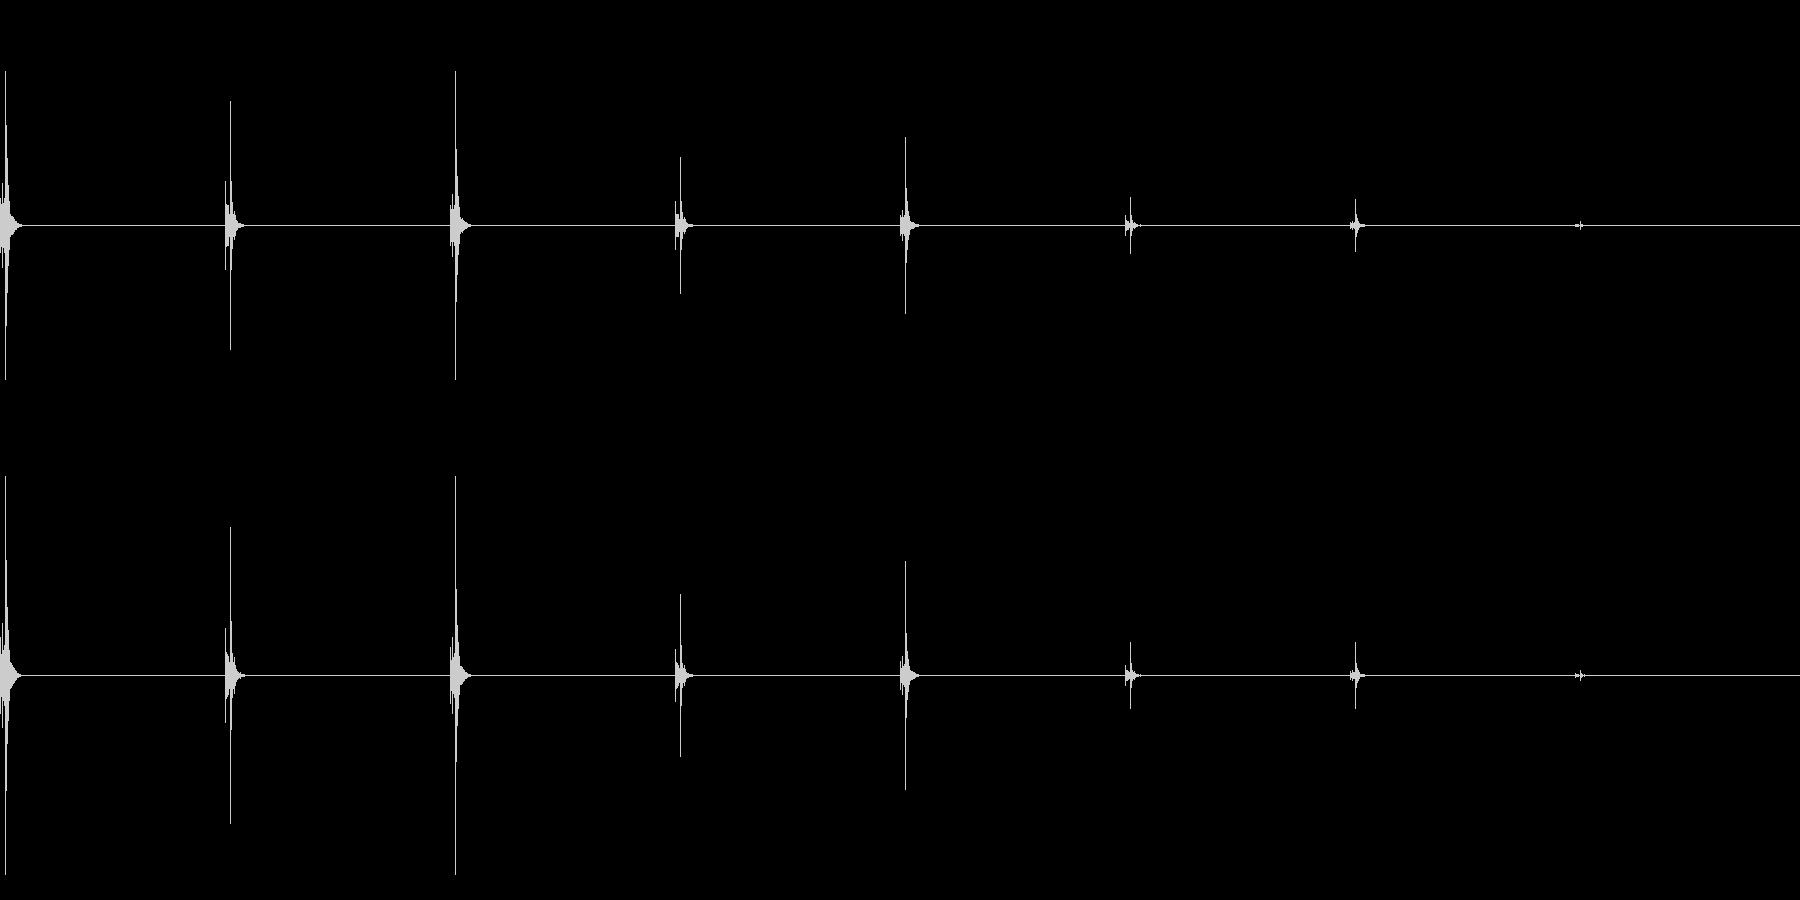 時計、タイマー、ストップウォッチ_C_5の未再生の波形